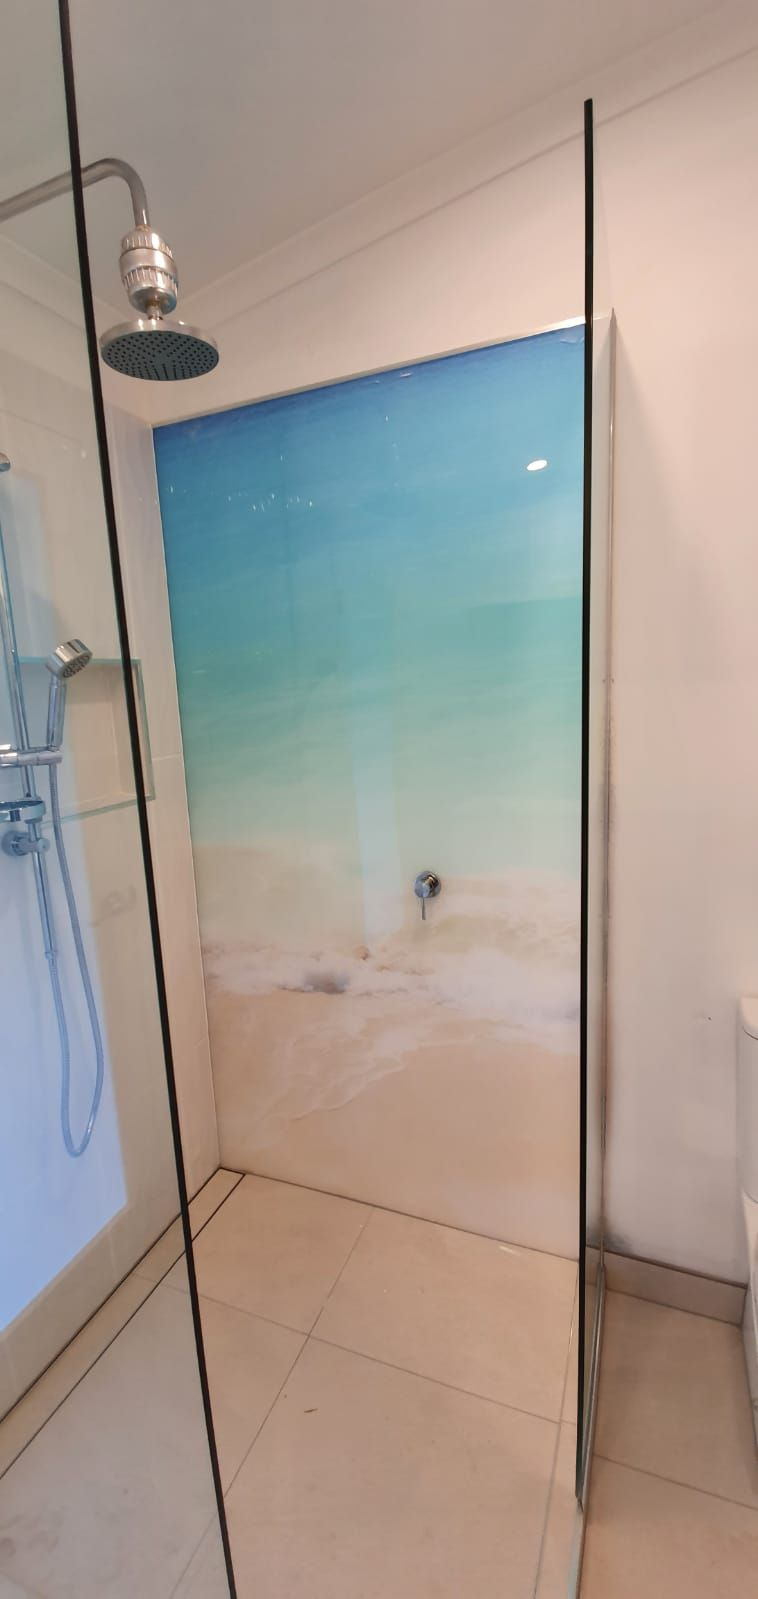 Printed Splashback In 2020 Shower Panels Acrylic Splashbacks Wall Panels